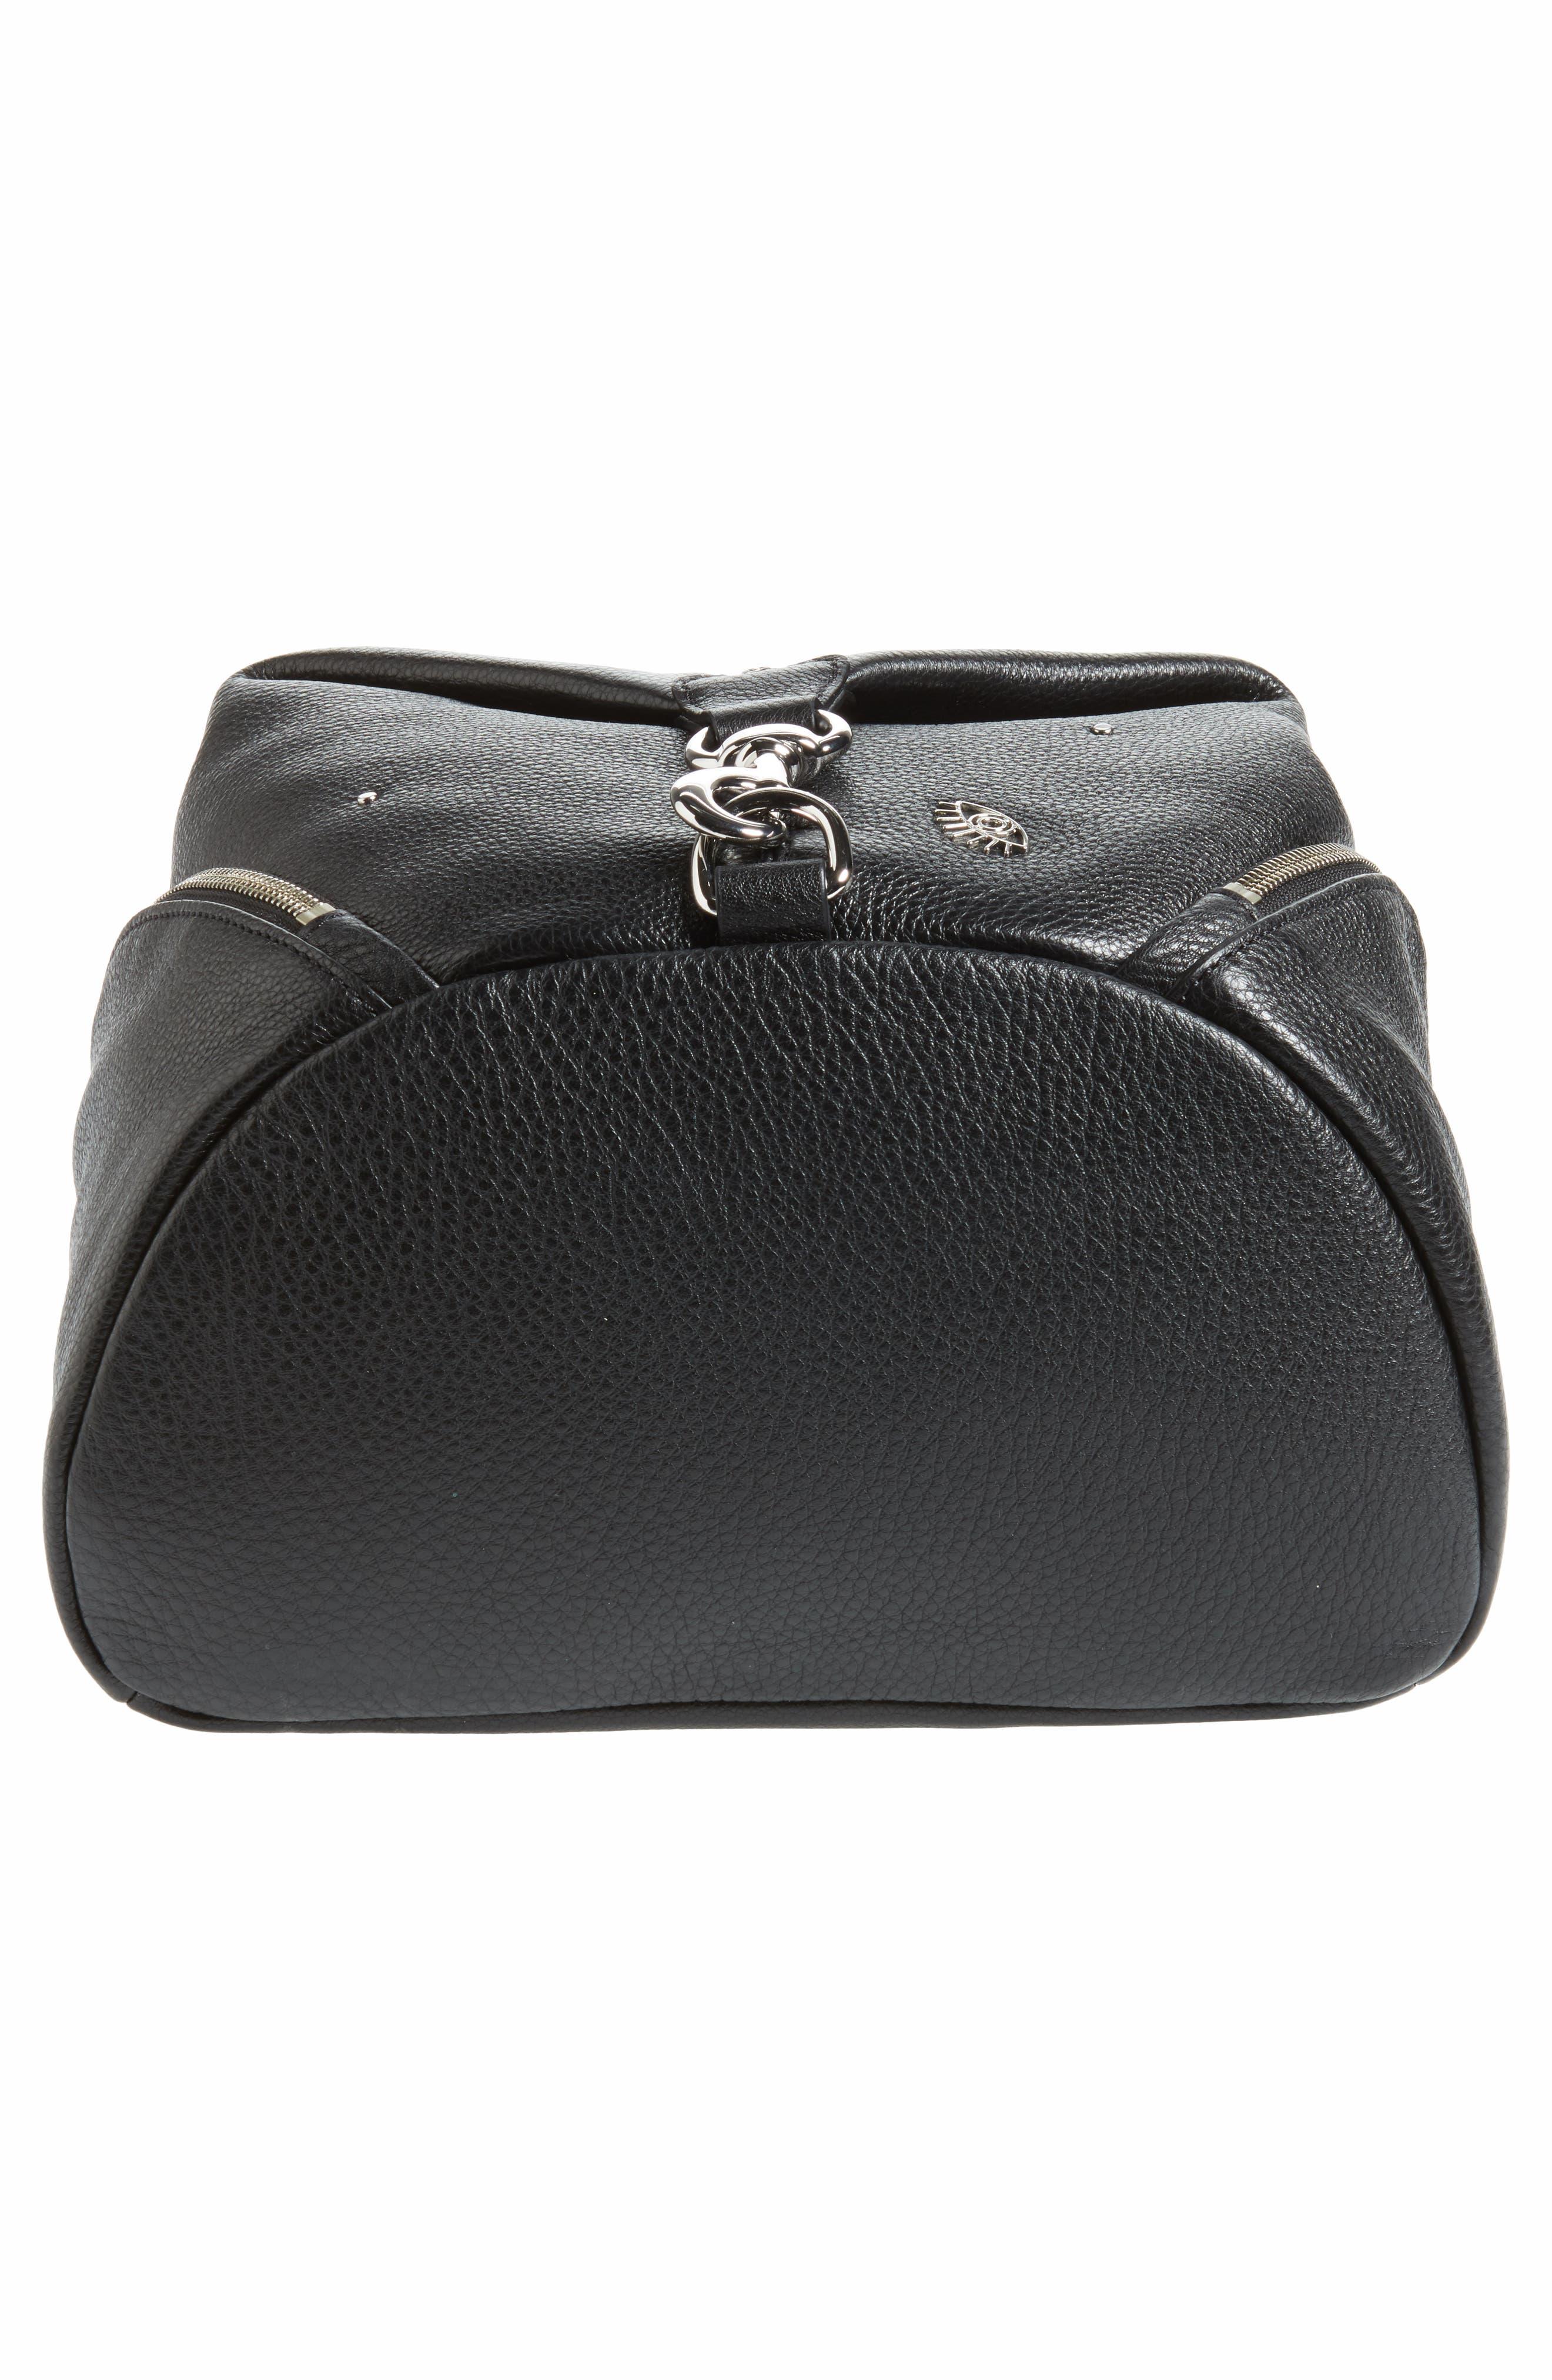 Julian Embellished Leather Backpack,                             Alternate thumbnail 6, color,                             Black